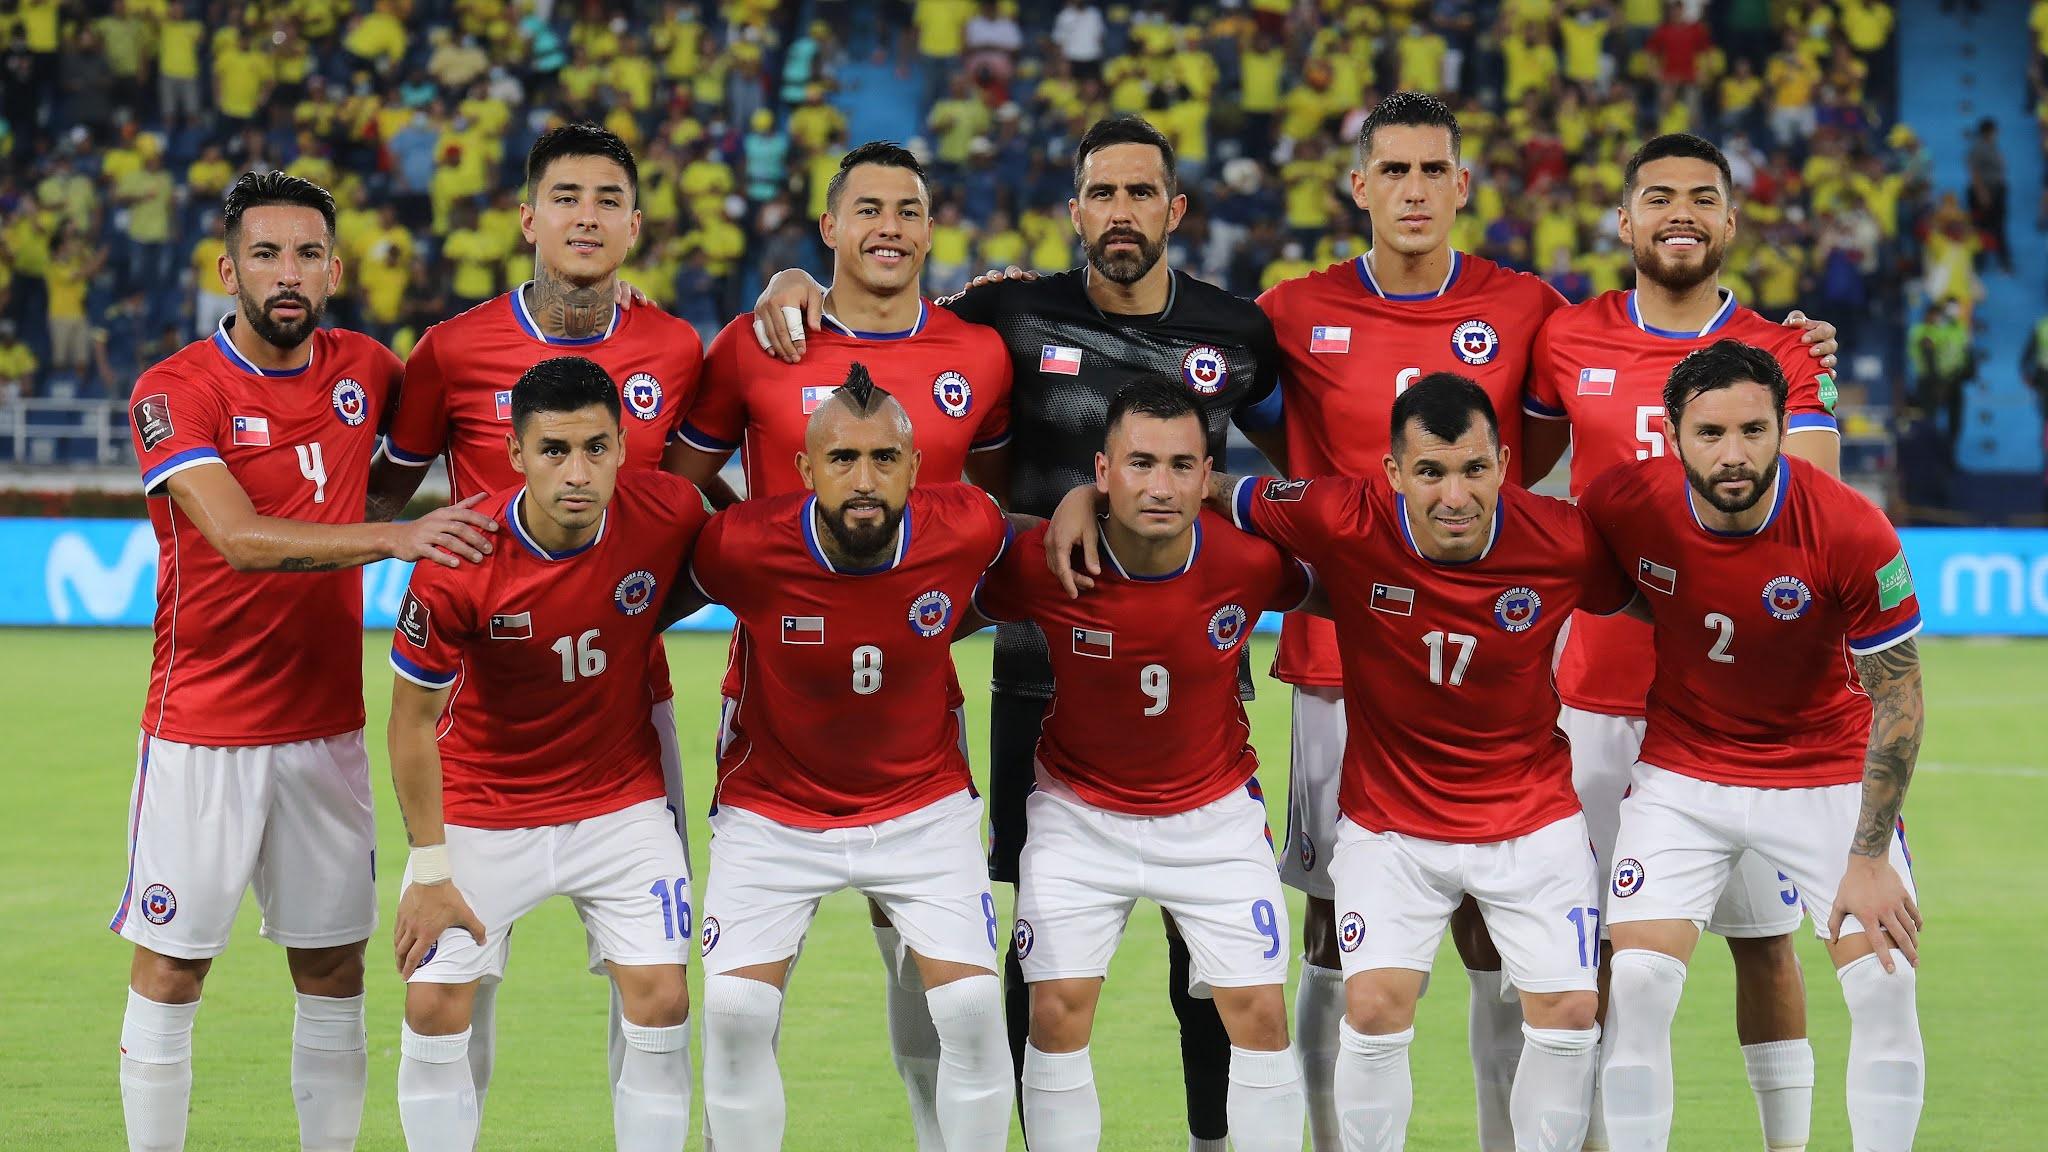 Formación de Chile ante Colombia, Clasificatorias Catar 2022, 9 de septiembre de 2021